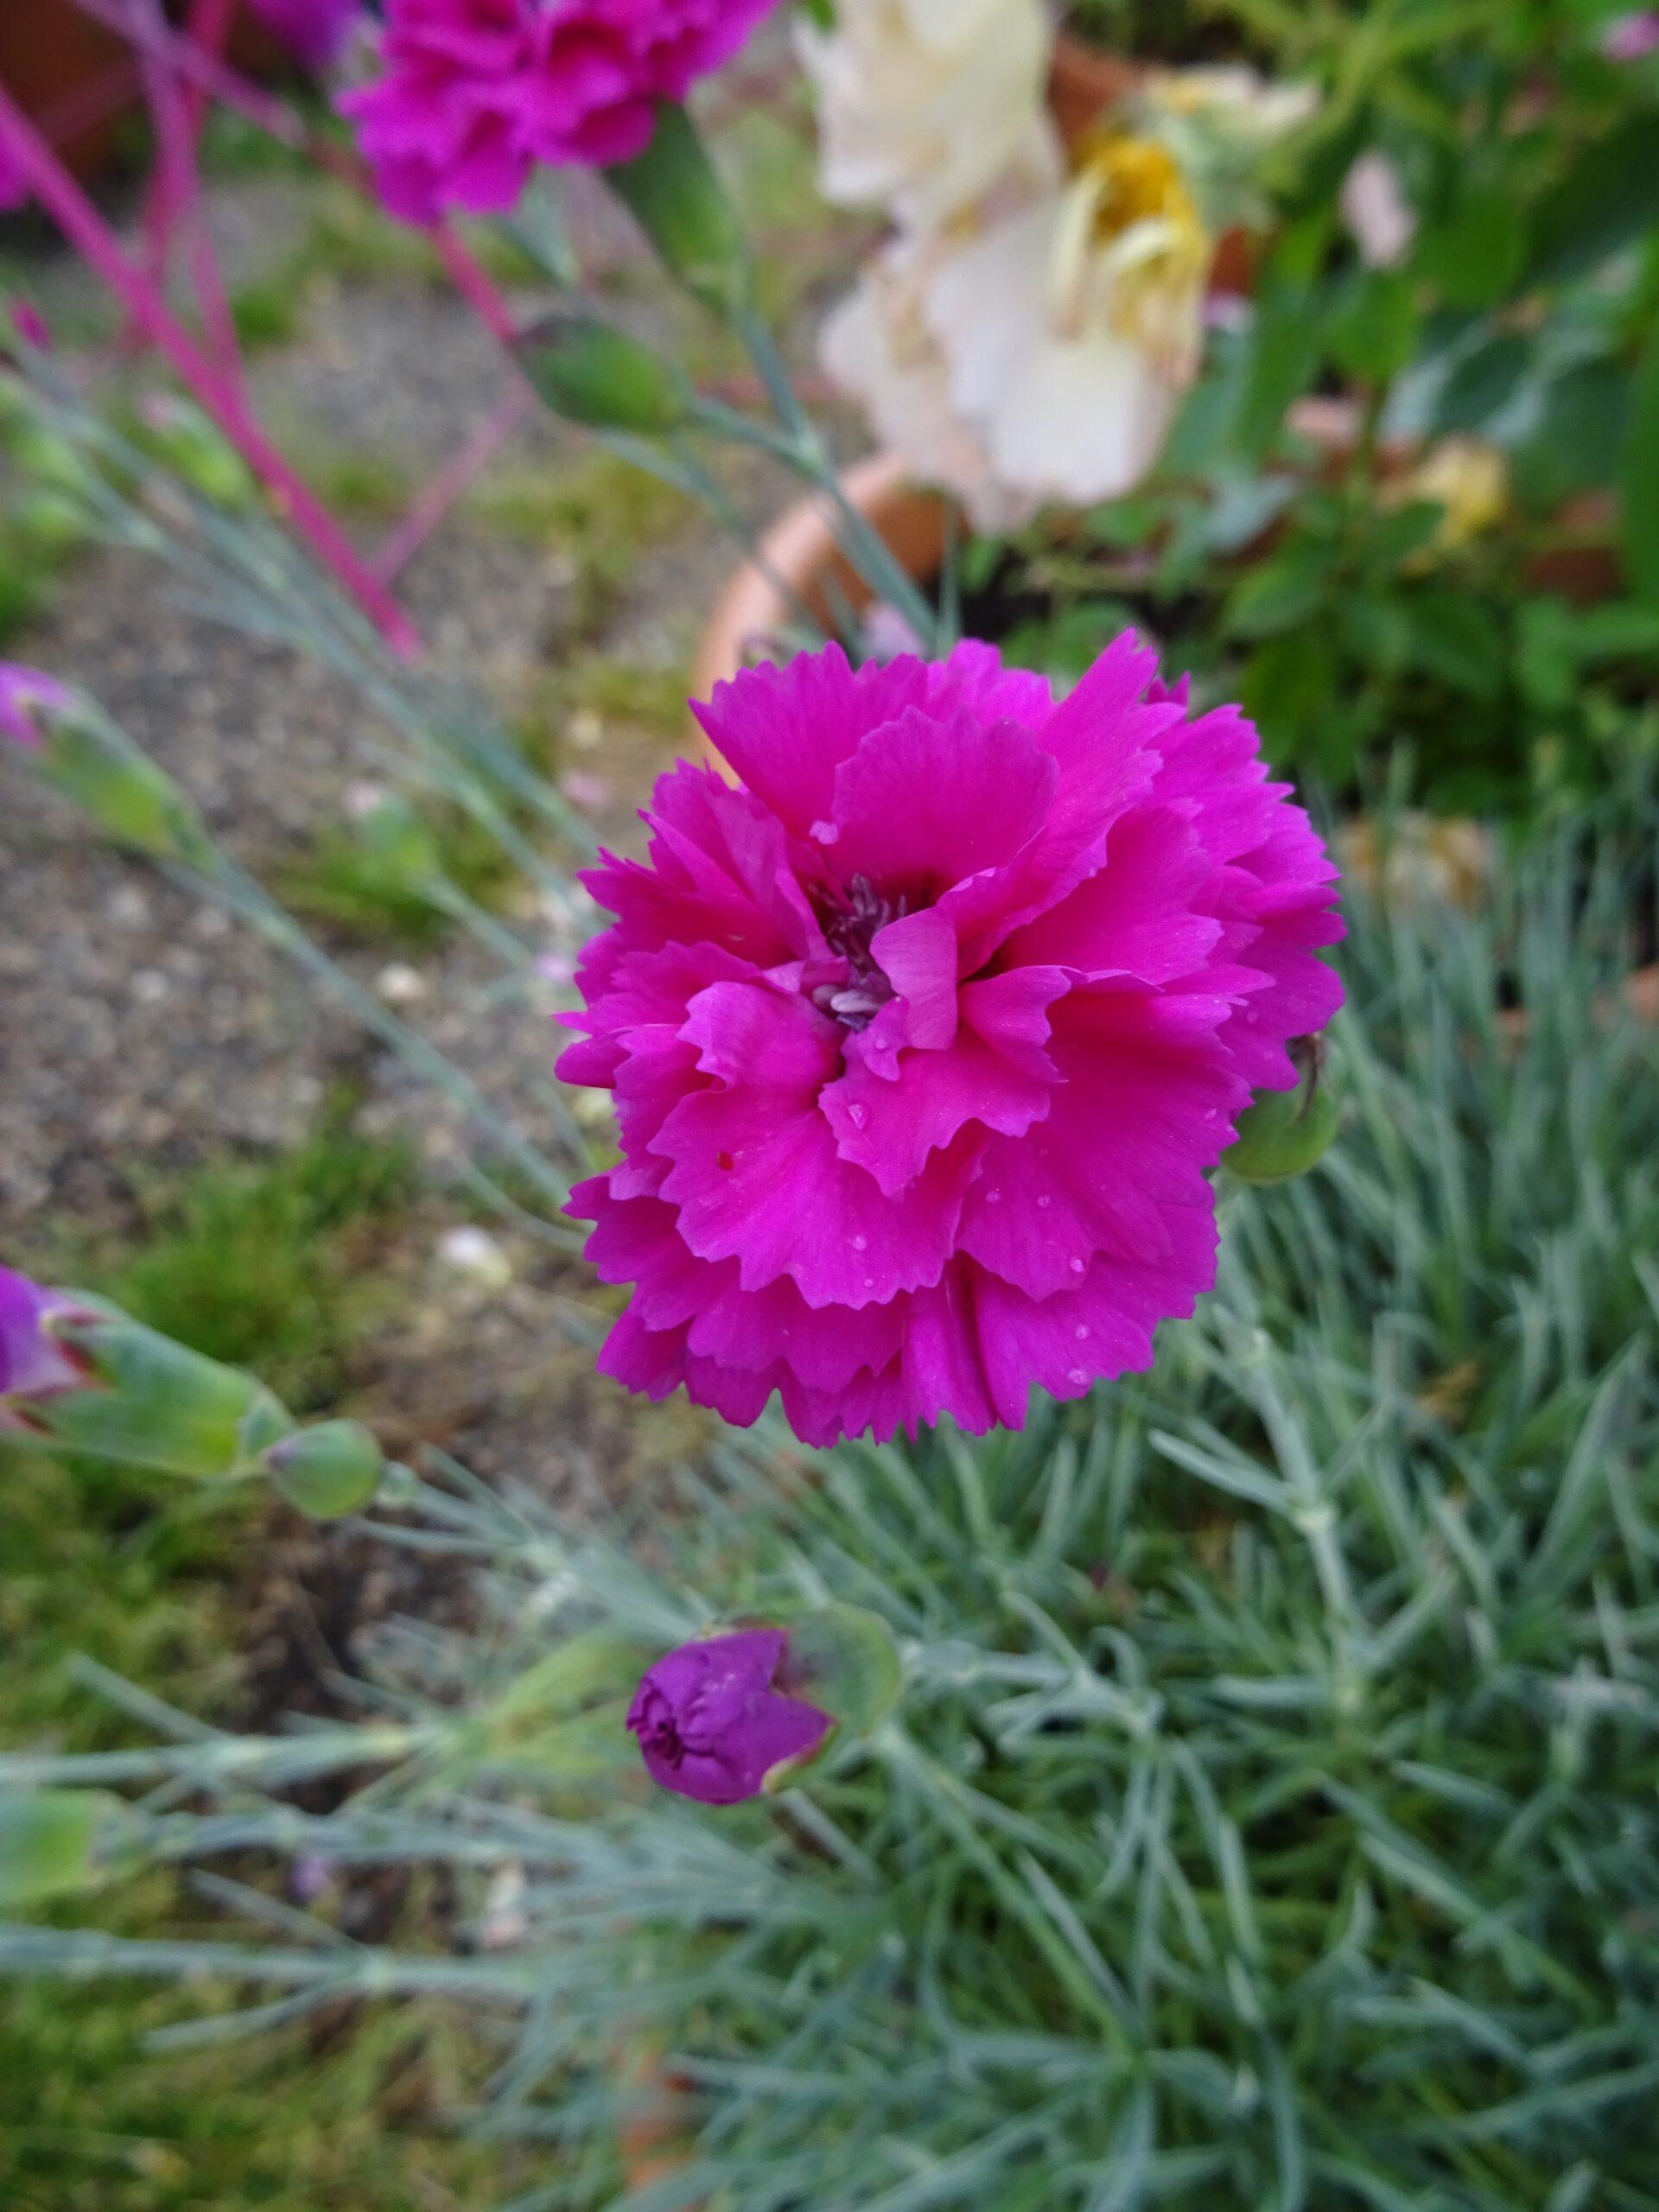 Dianthus Devon pink